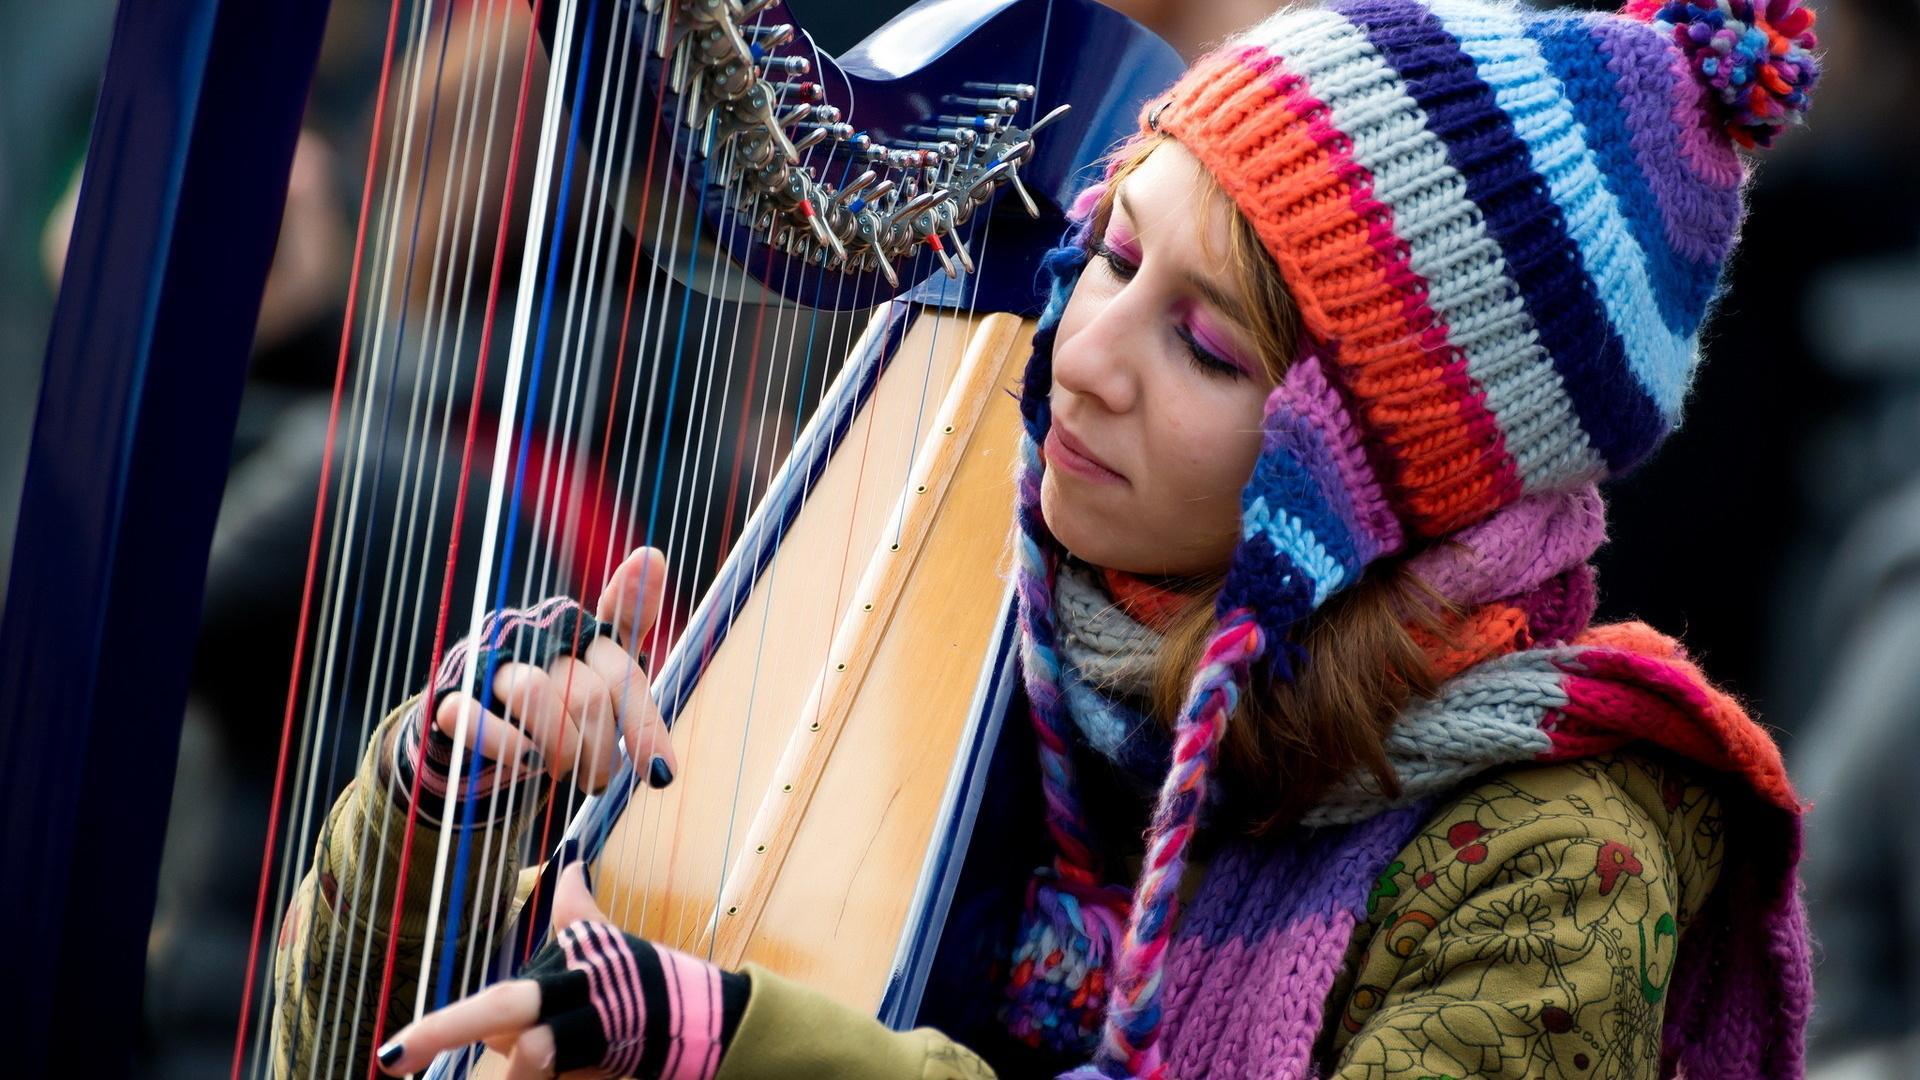 Музыка оказалась культурно универсальной